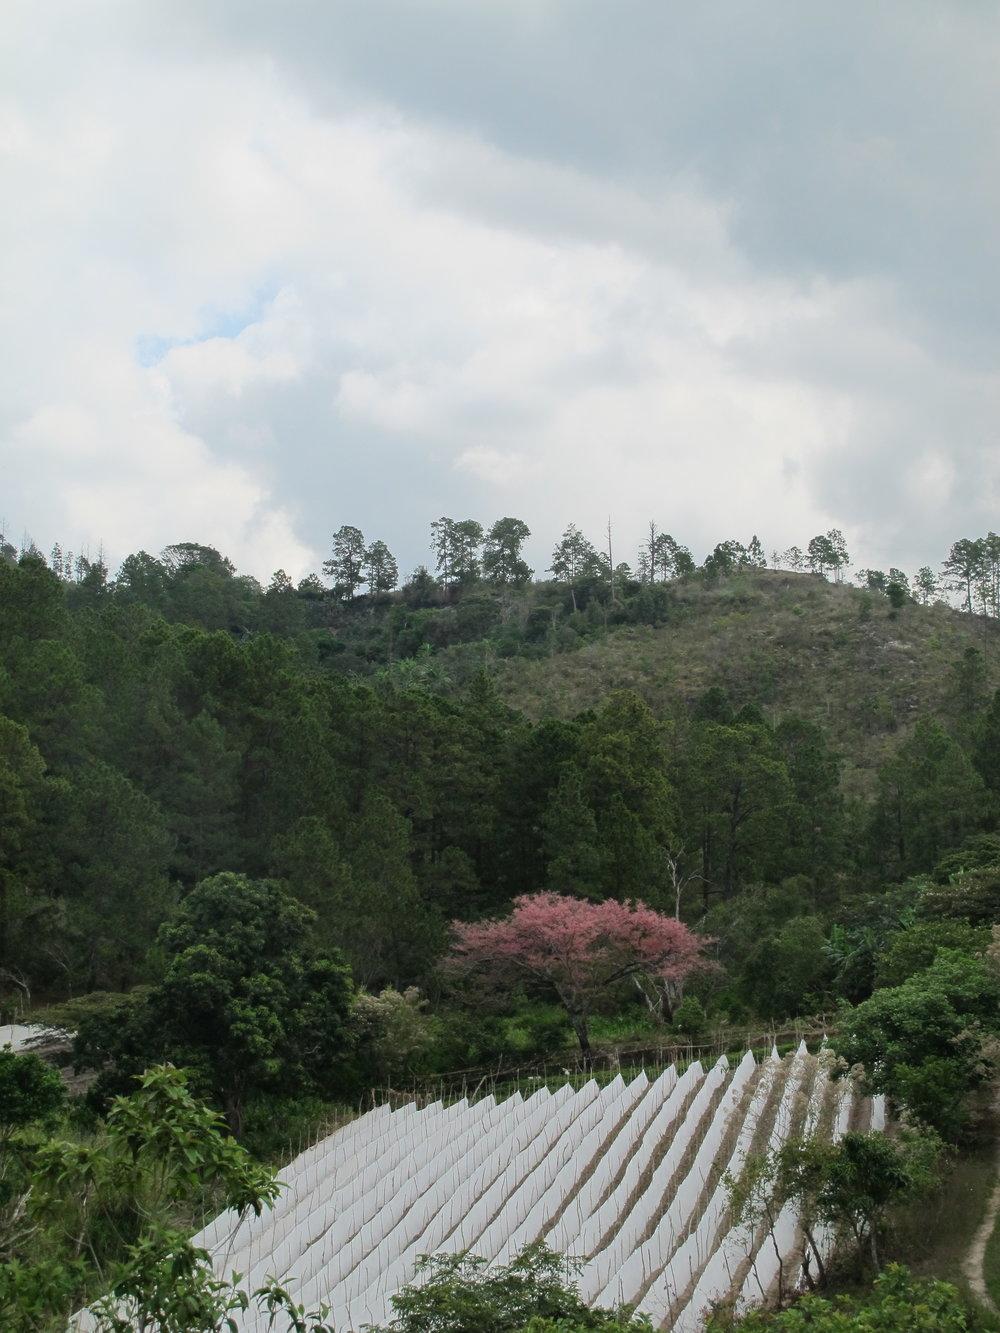 Deforestación arriba de la toma con un cultivo de tomate abajo